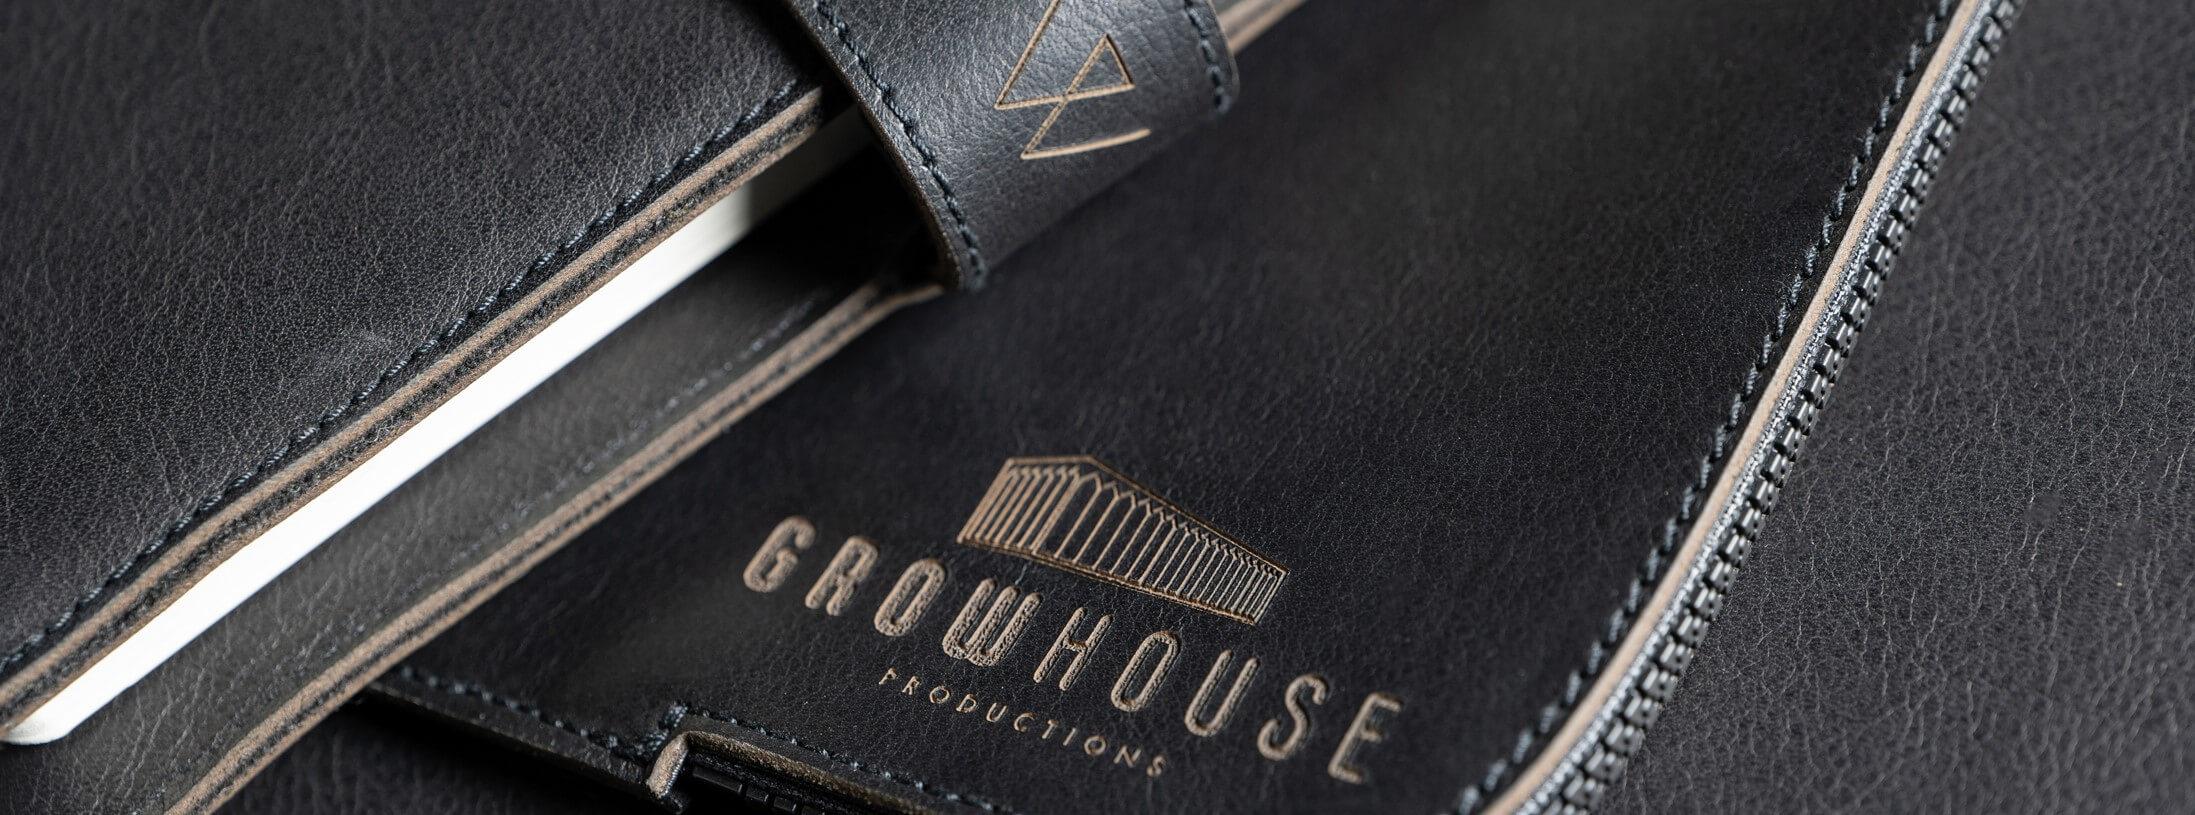 Bürozubehör mit Logo-Gravur | Büroausstattung Leder personalisiert Logo | Wunschleder